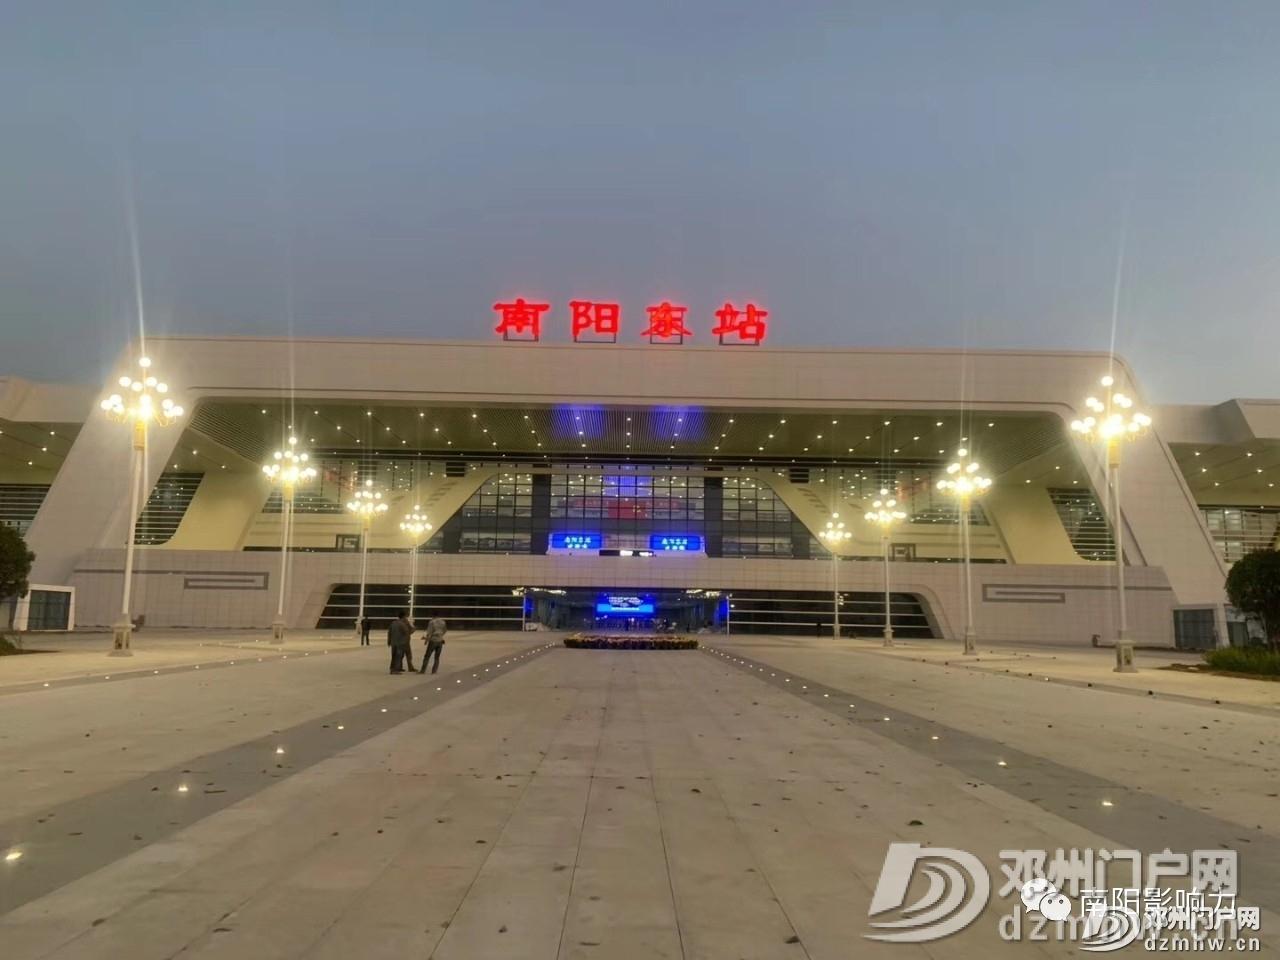 邓州:郑万高铁开通时刻表,正式发布! - 邓州门户网|邓州网 - 952967f62fa3fef45330fa28ffcfa0dd.jpg